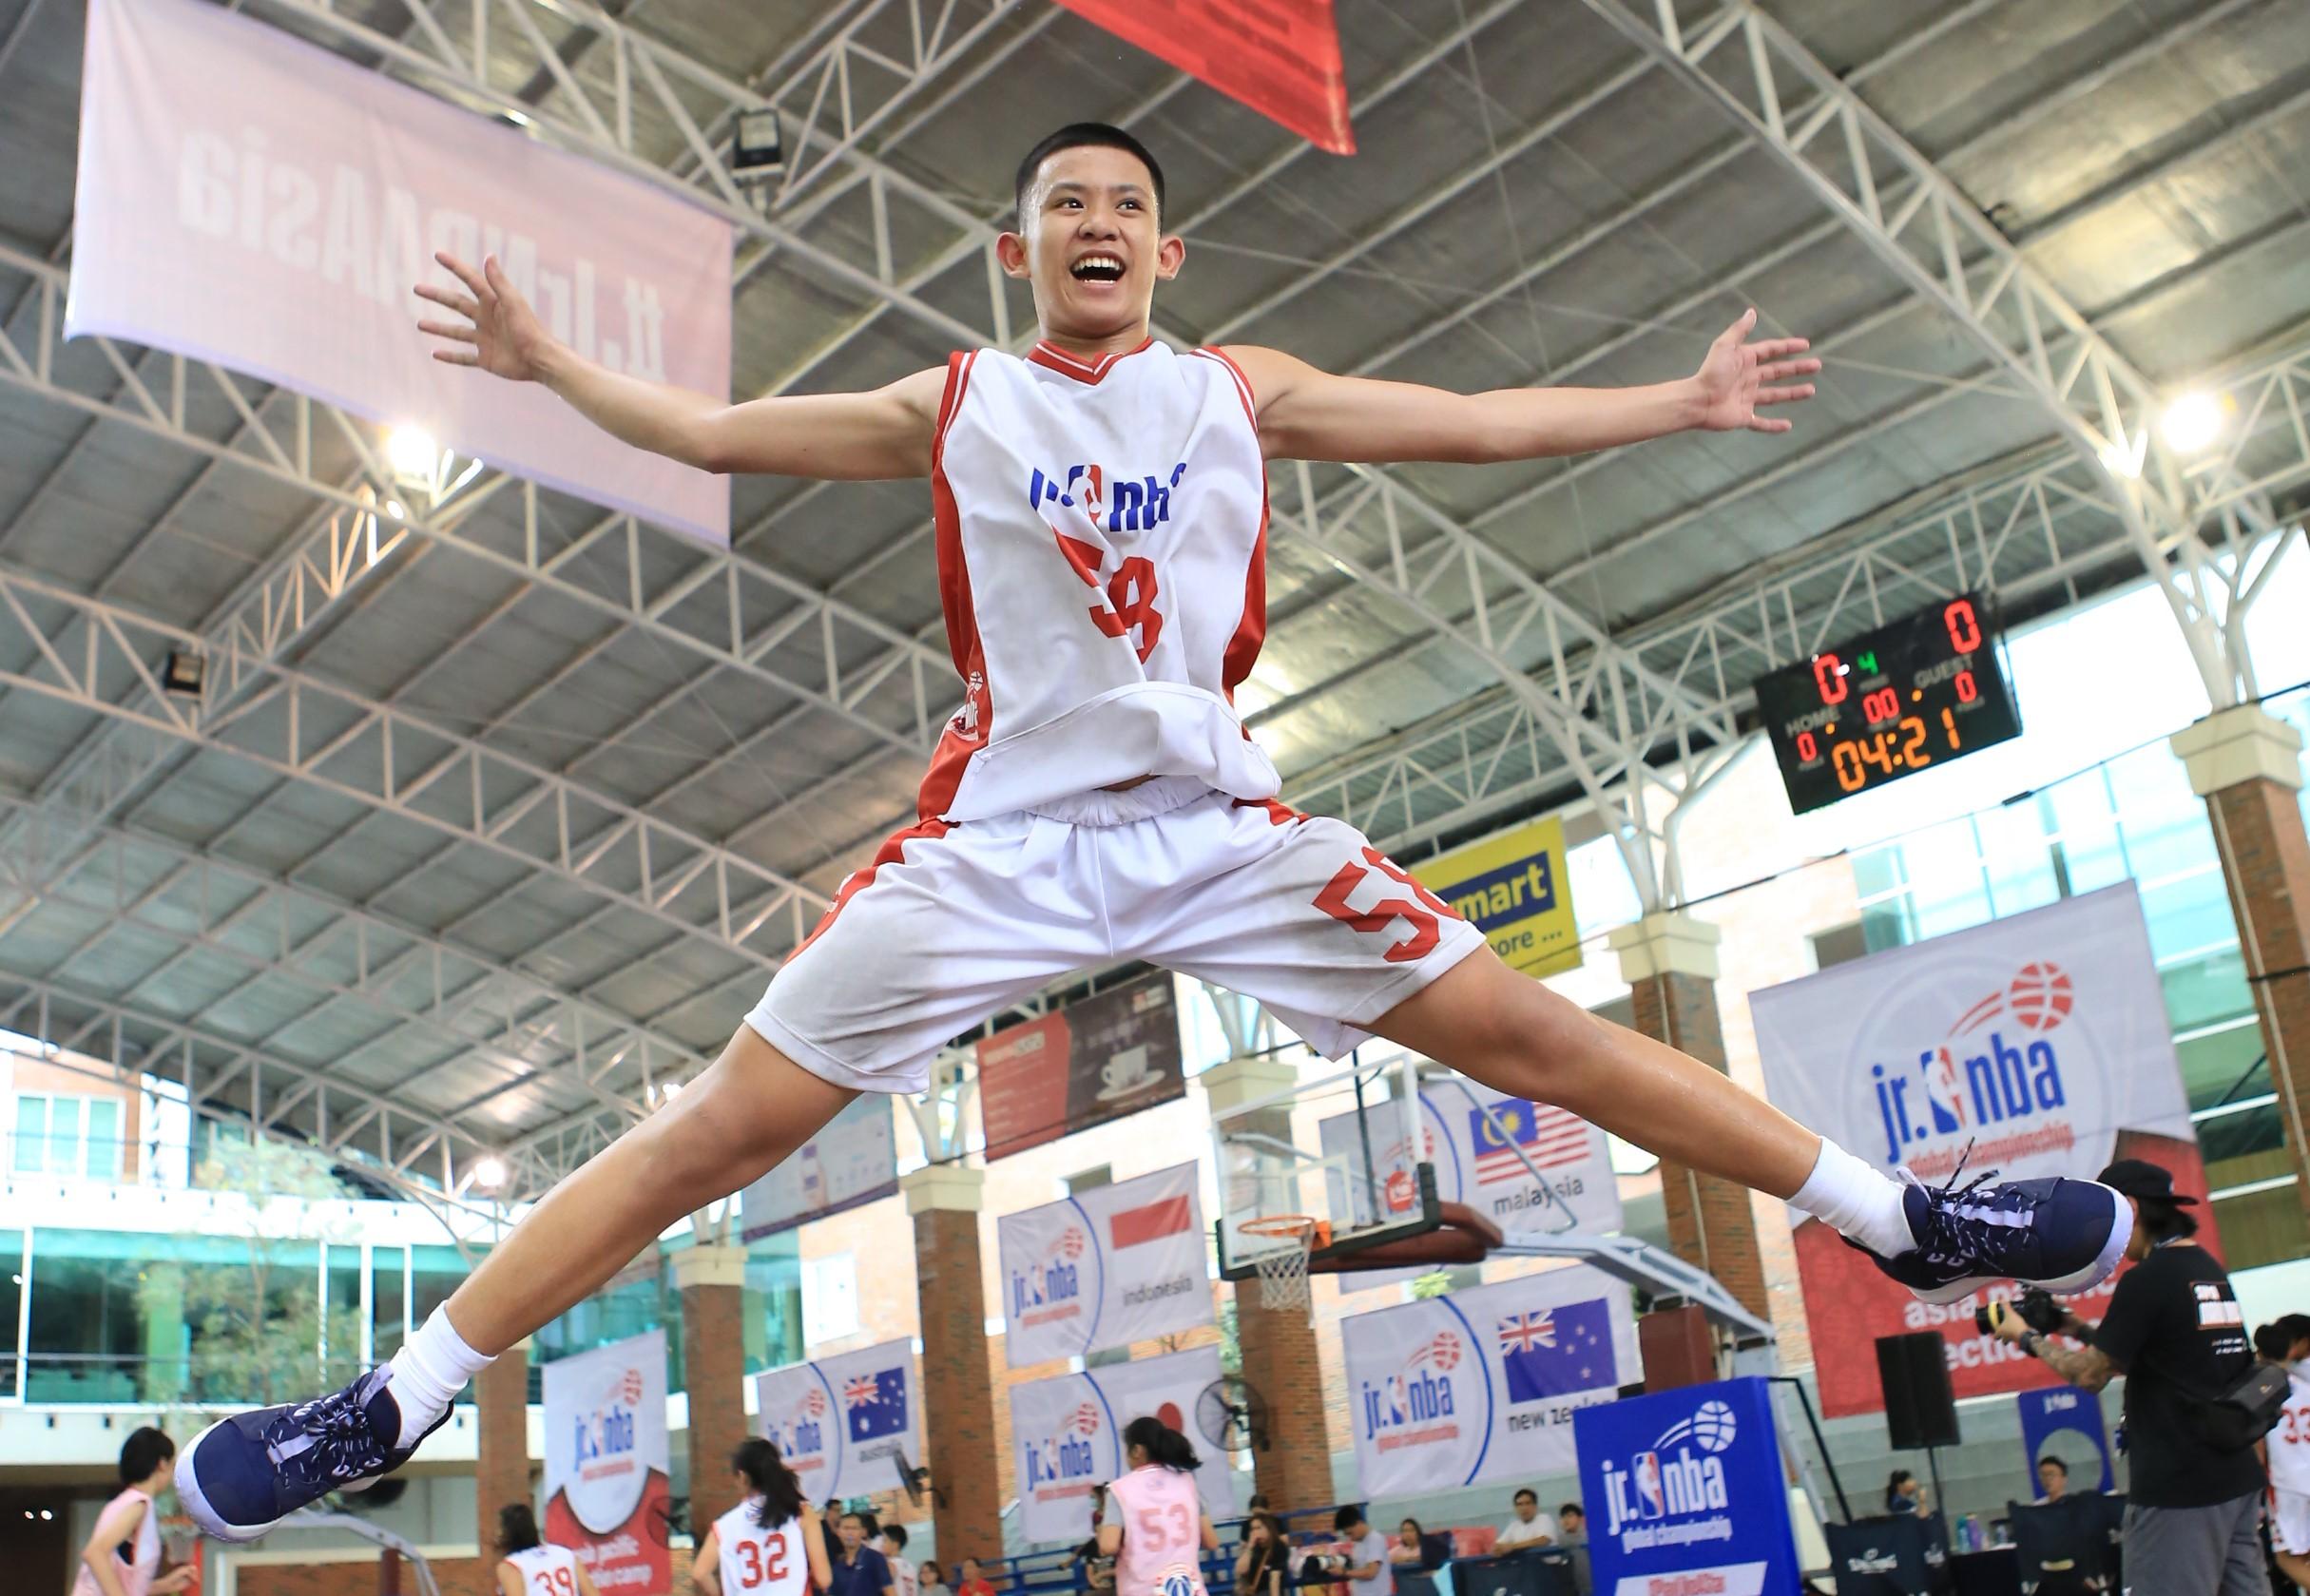 Hội trại tuyển chọn toàn quốc Jr.NBA tại Việt Nam)